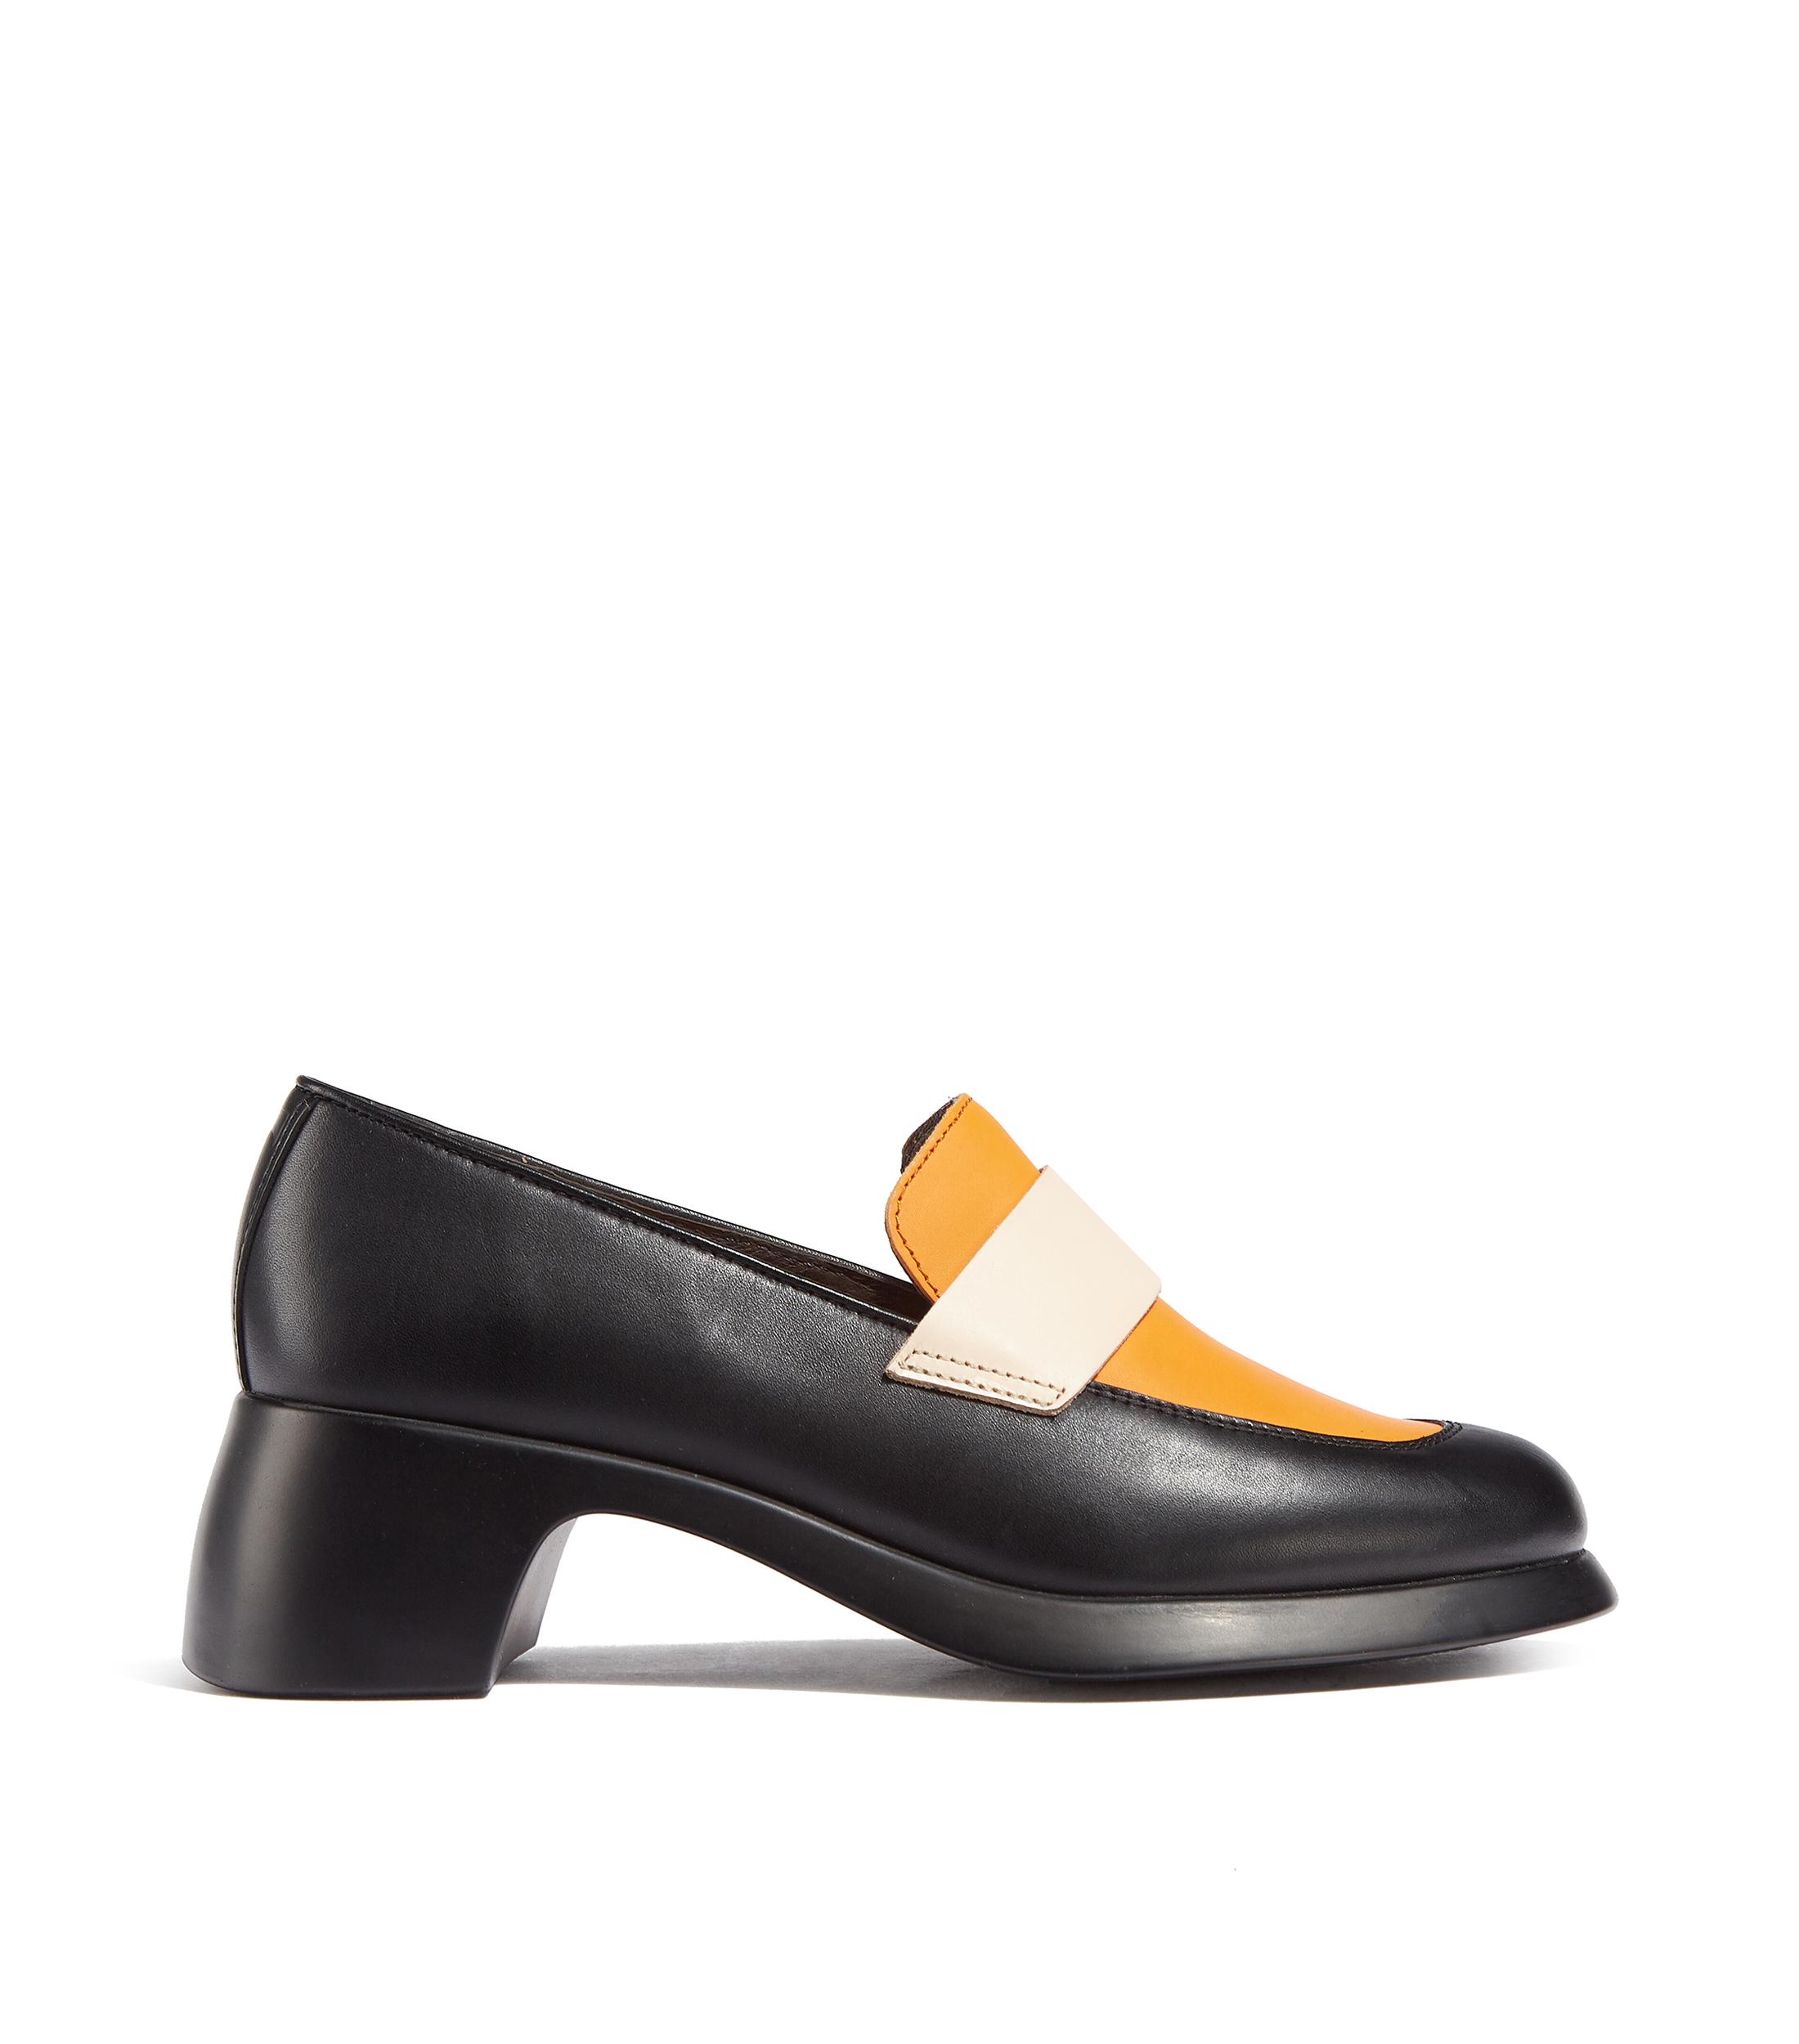 Camper Zapatos Mujer - El Palacio de Hierro